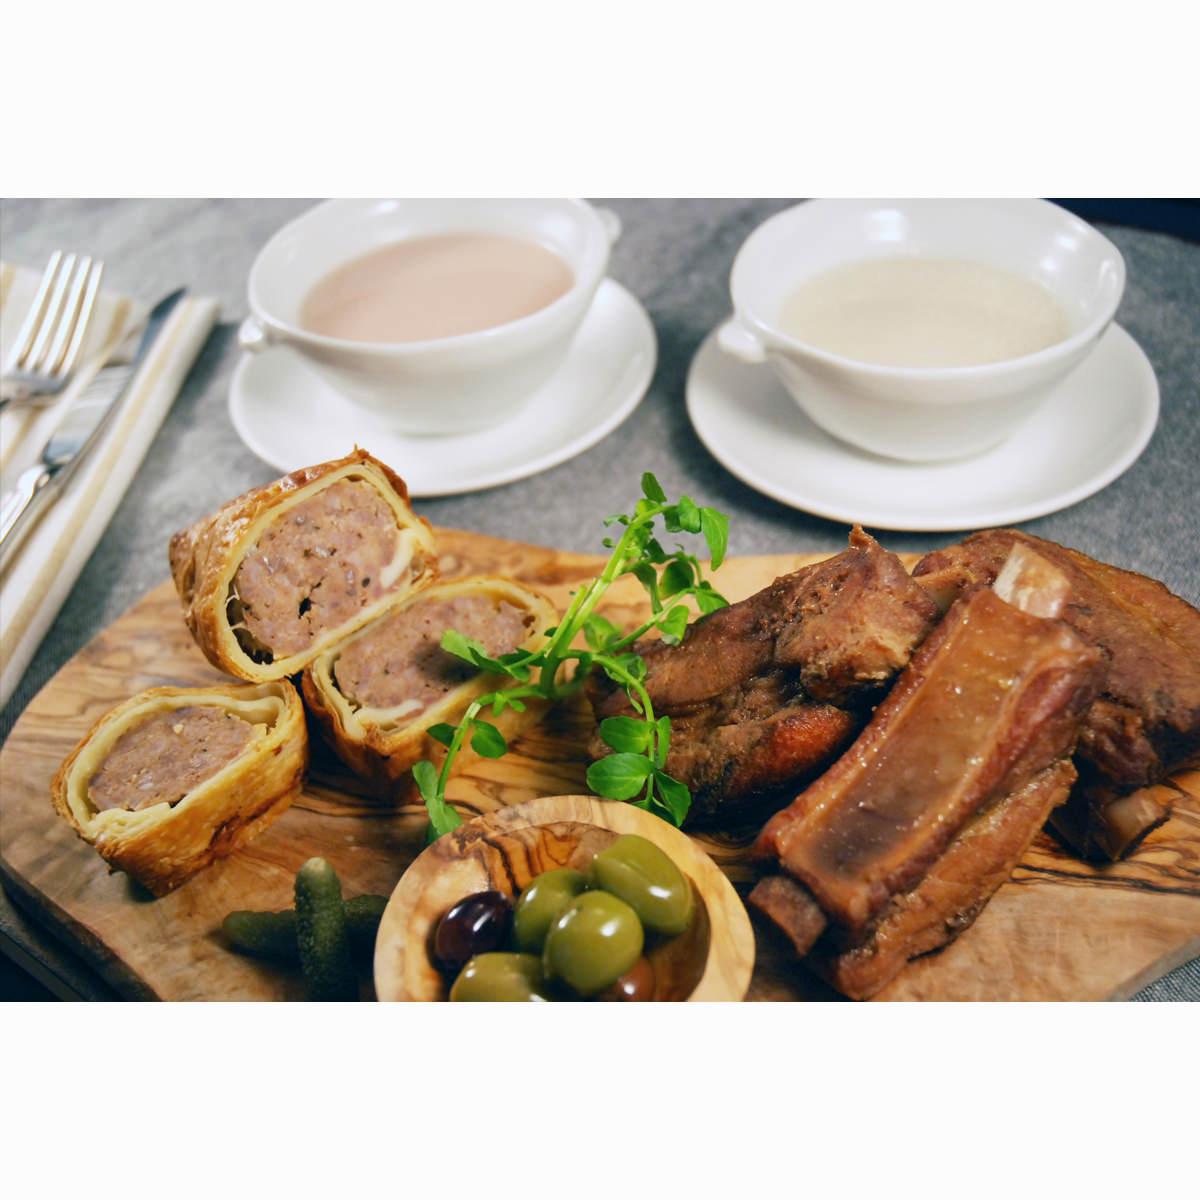 ファイブミニッツ・ミーツ スープのグルメセット 4種 〔スープ2種×各2、ミートパイ、スペアリブ〕 兵庫県 神戸 芦屋 牛肉惣菜 詰め合わせ